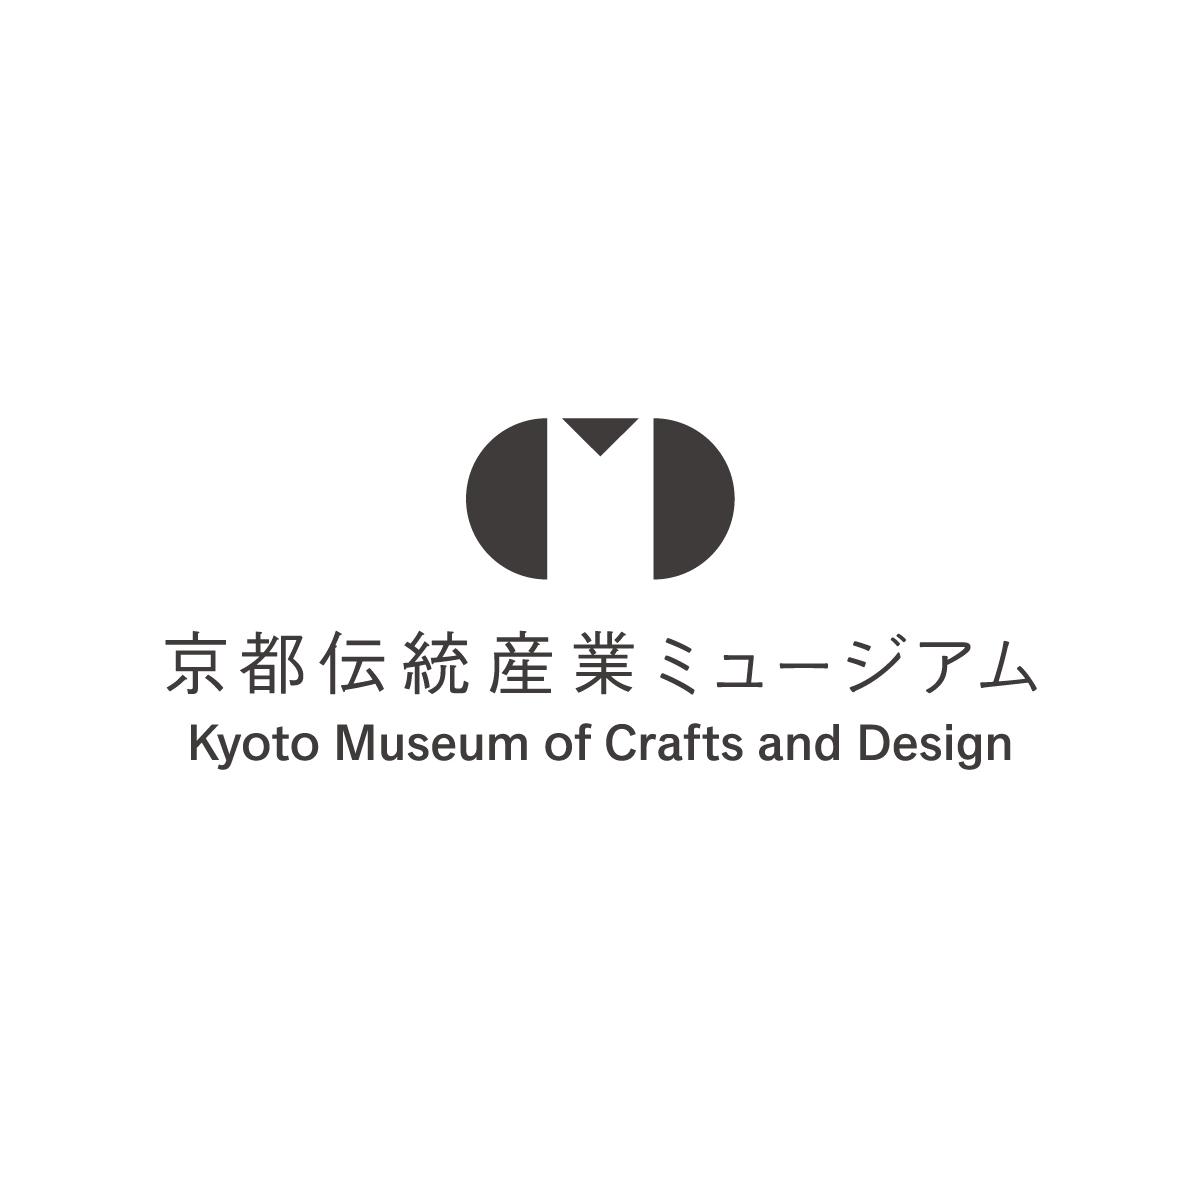 特別企画展「継ぐもの -In between crafts- 」 | 京都伝統産業ミュージアム Kyoto Museum of Crafts and De...